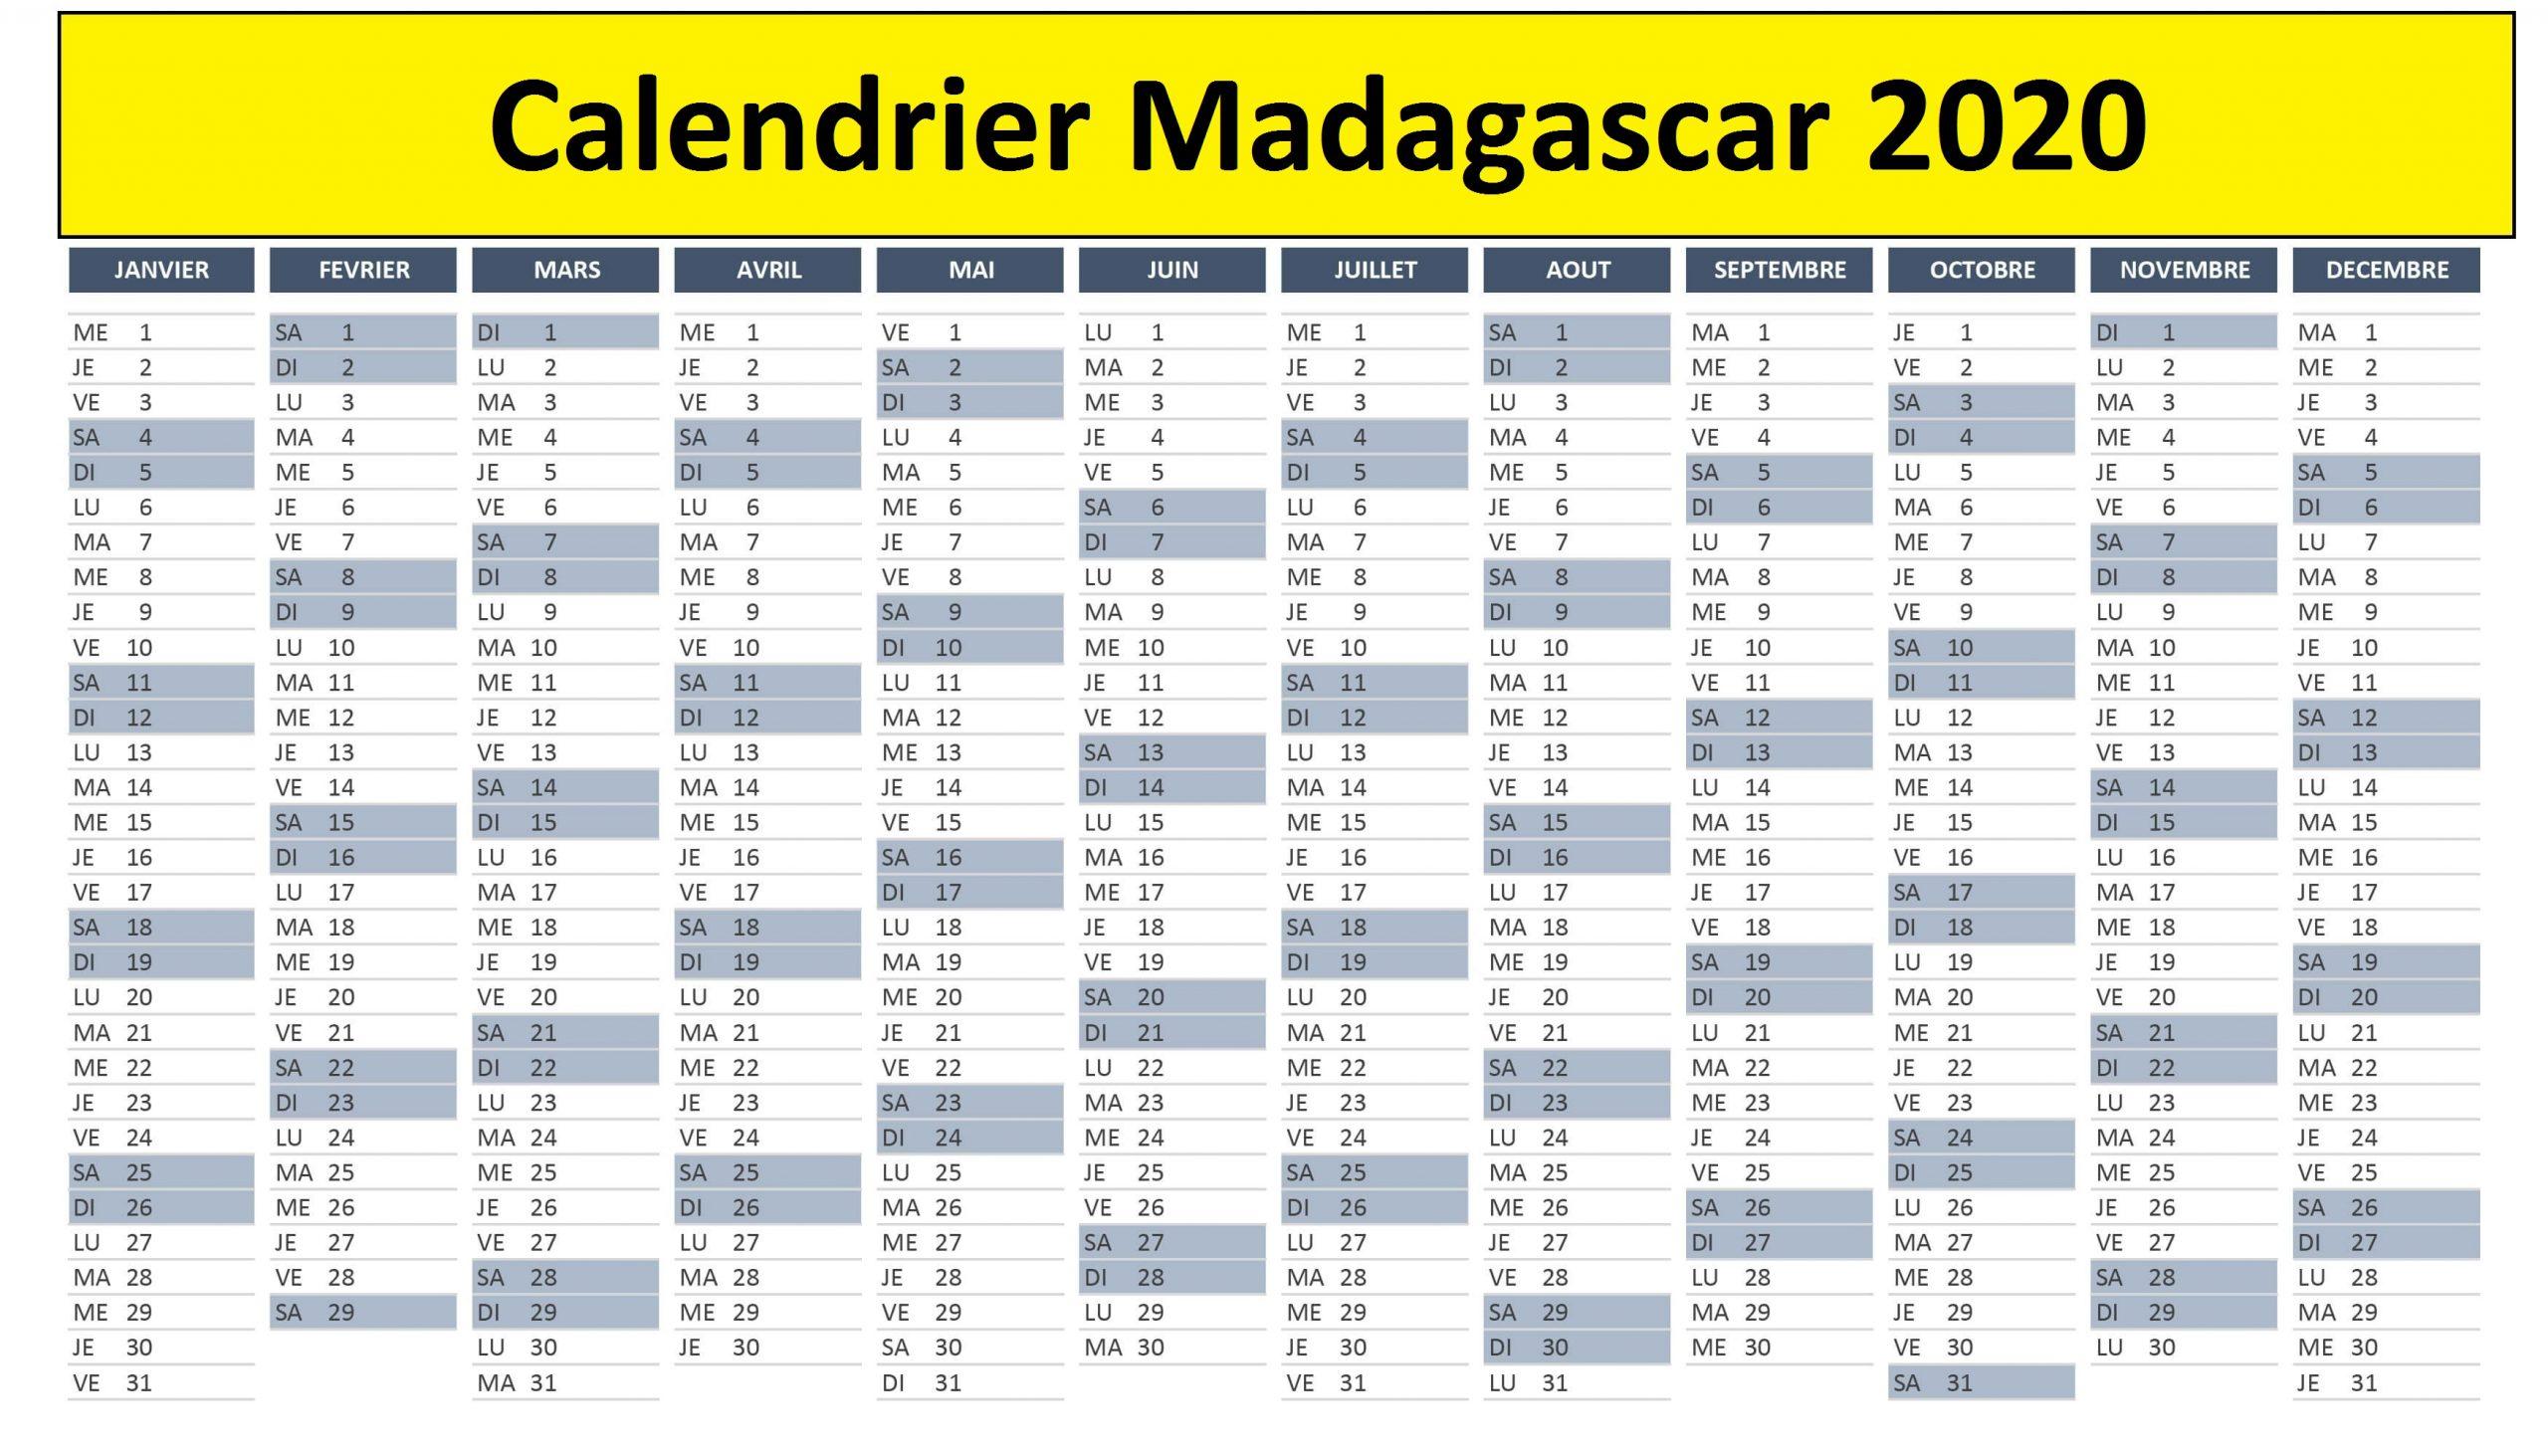 Calendrier Lunaire Madagascar 2020